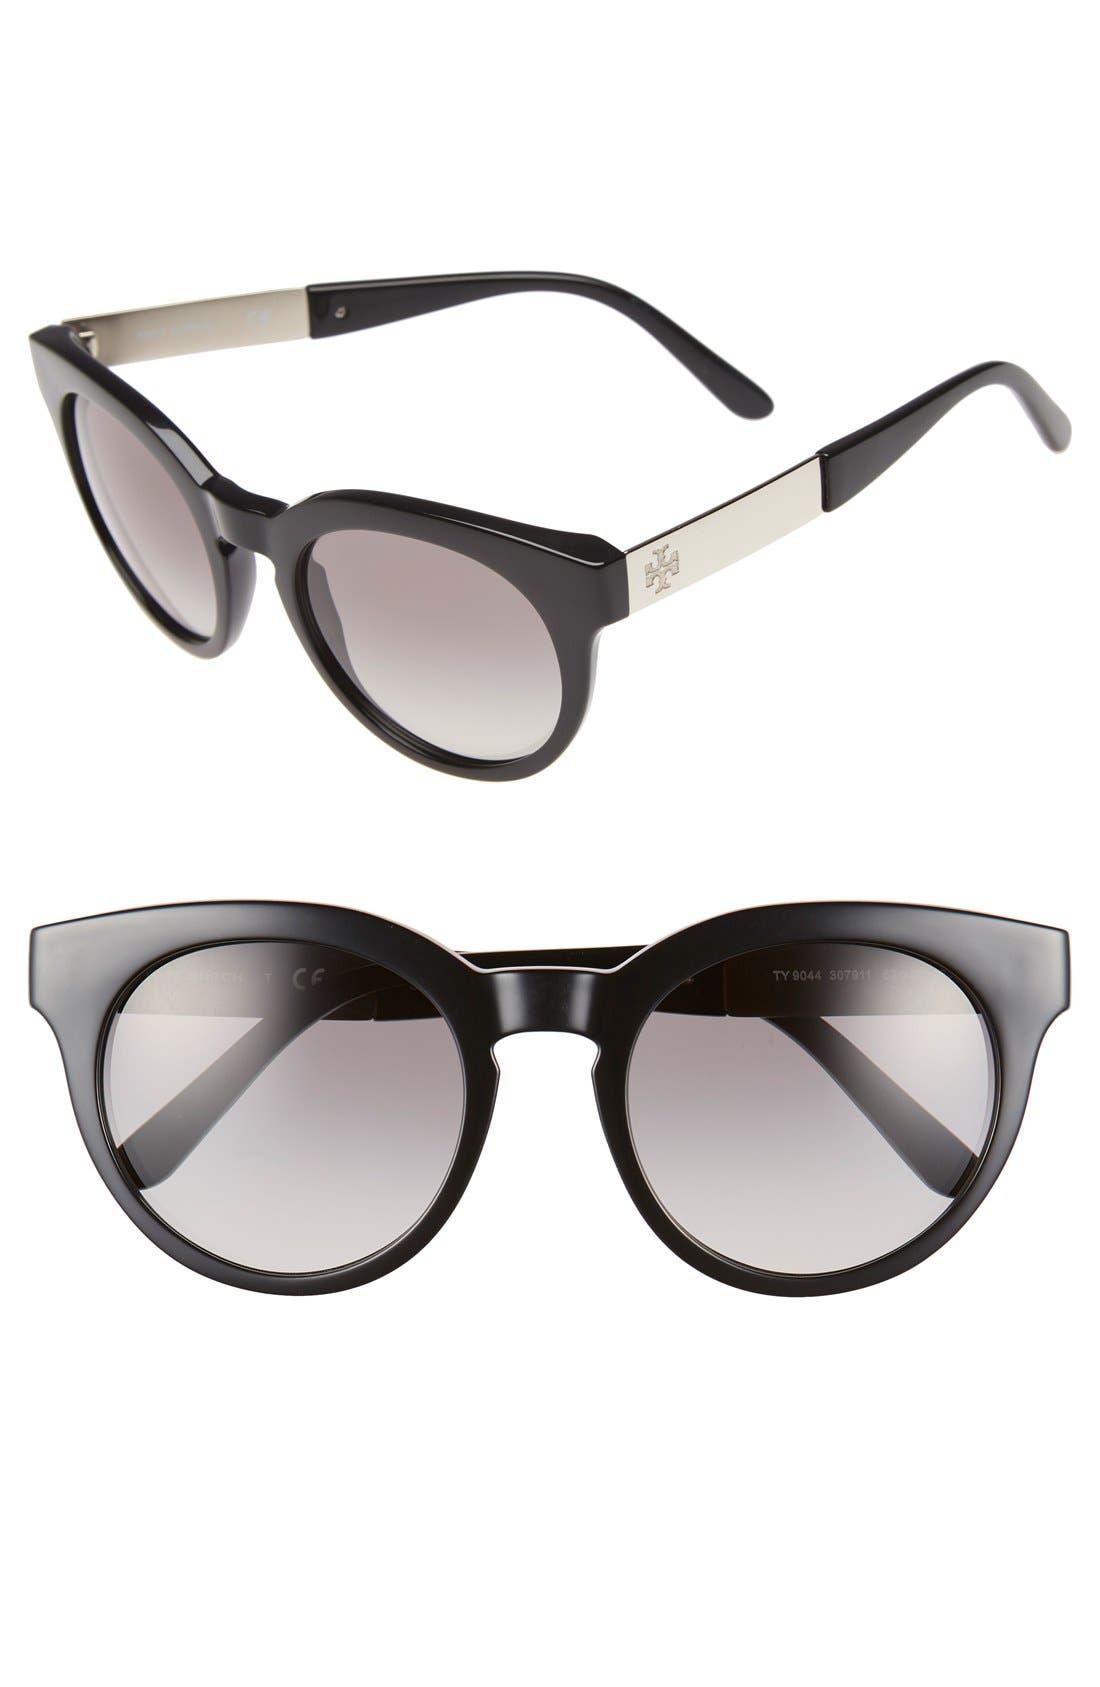 52mm Retro Sunglasses,                         Main,                         color, Black